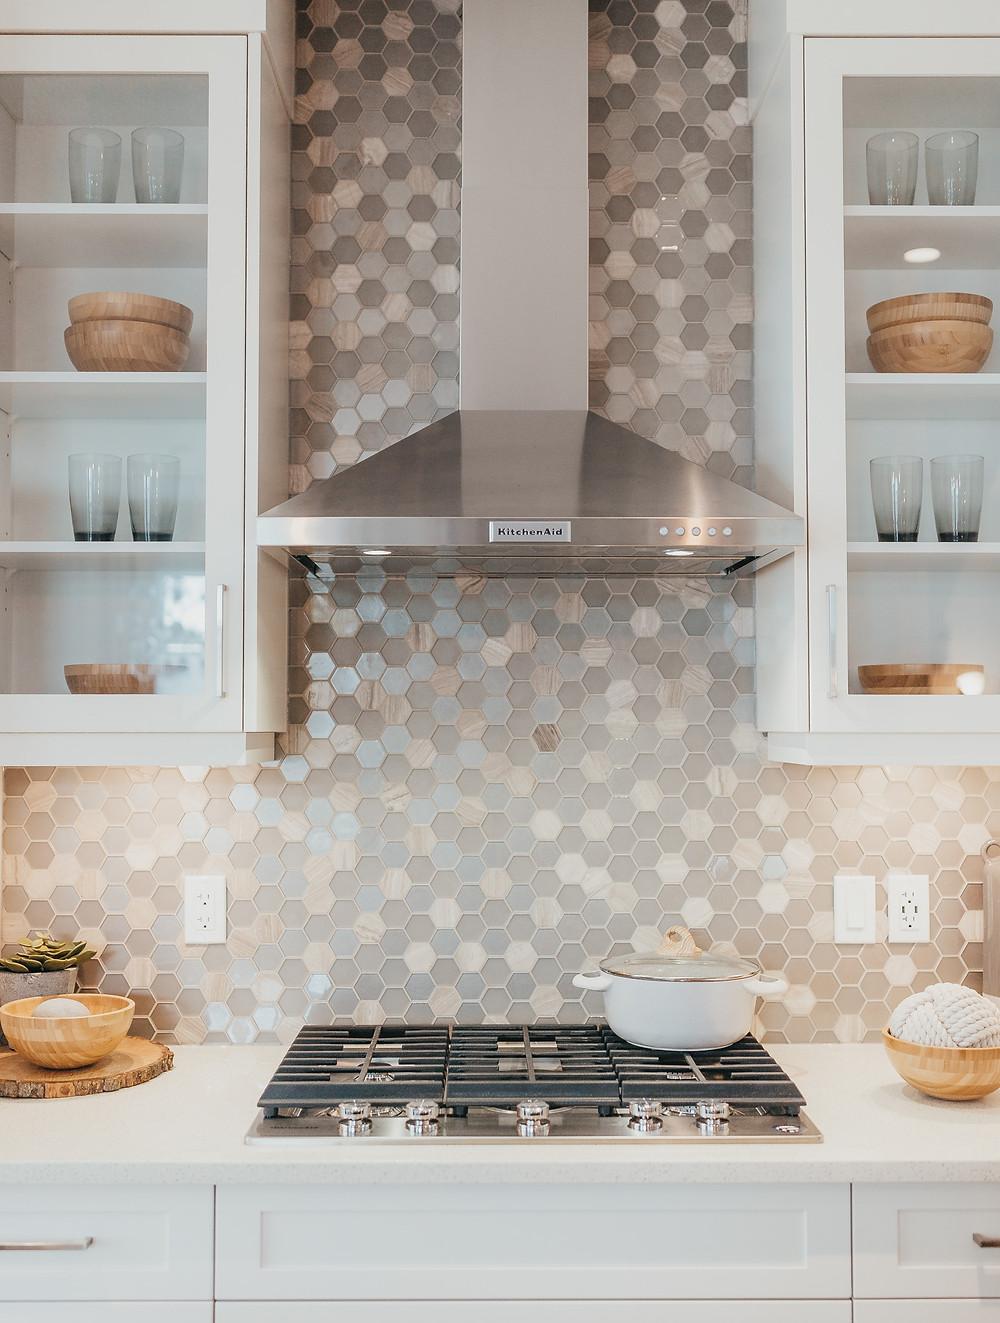 Hexagon tilde backsplash in a modern white kitchen